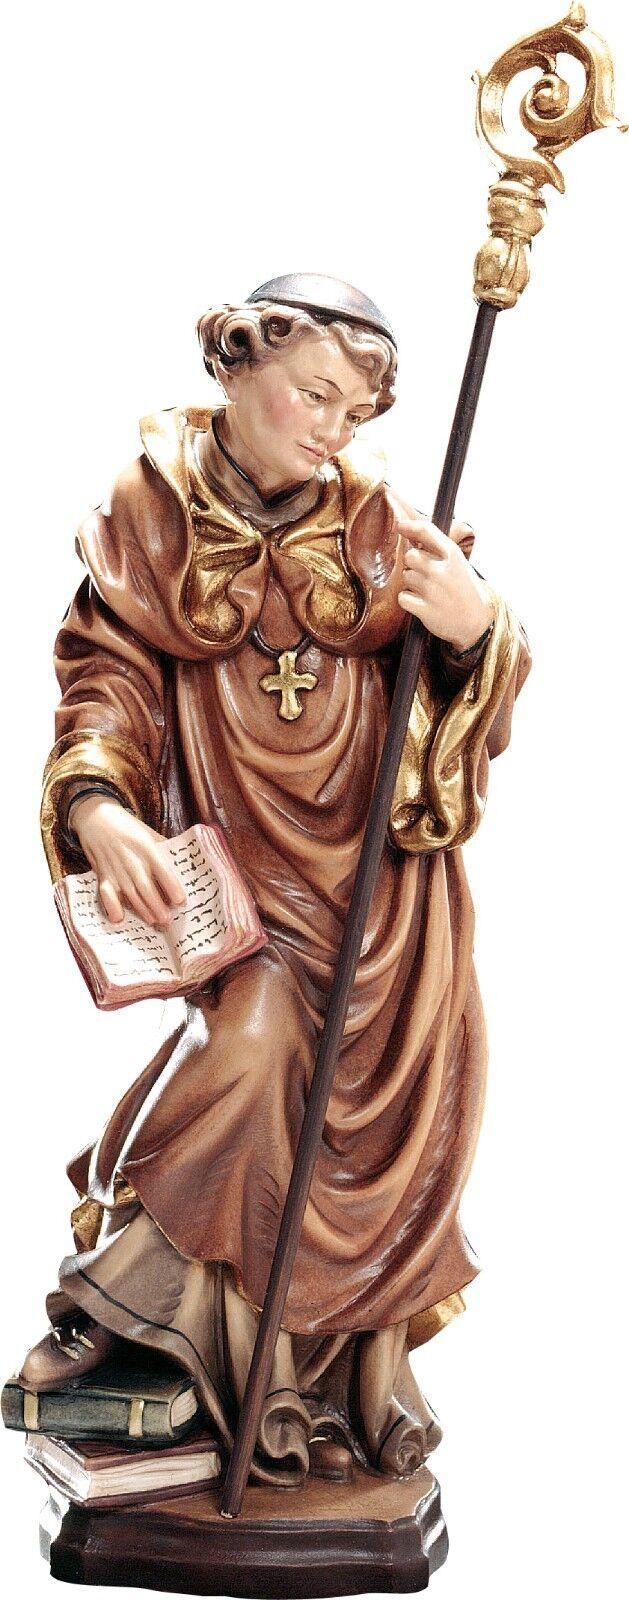 Statue SAN claro - st. clear Holz Holz Holz geschnitzt Statuen | Schön In Der Farbe  ae6b2c